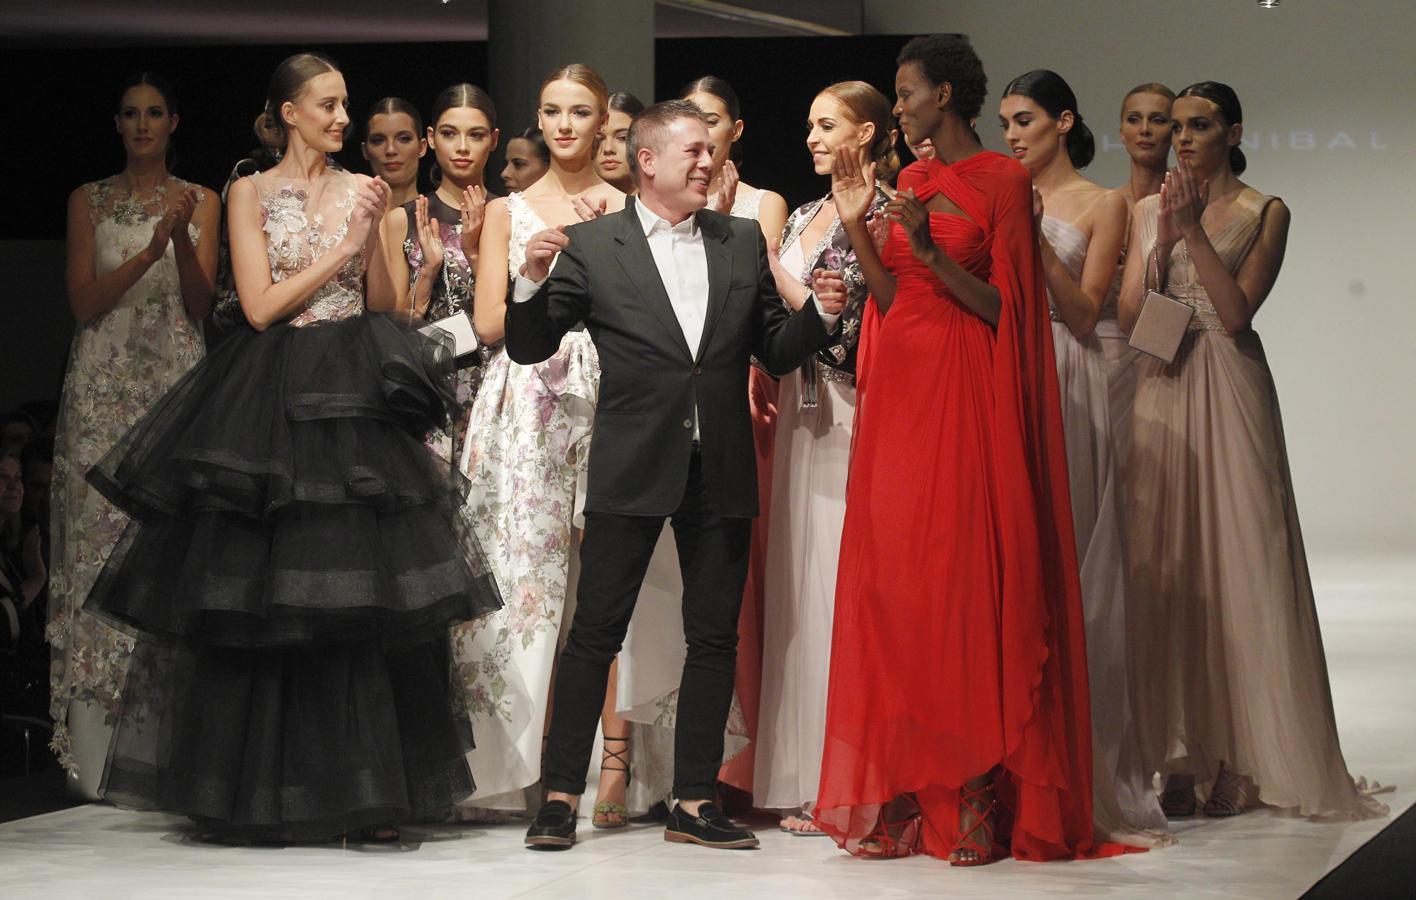 Las modelos aplauden a Hannibal Laguna tras concluir el desfile